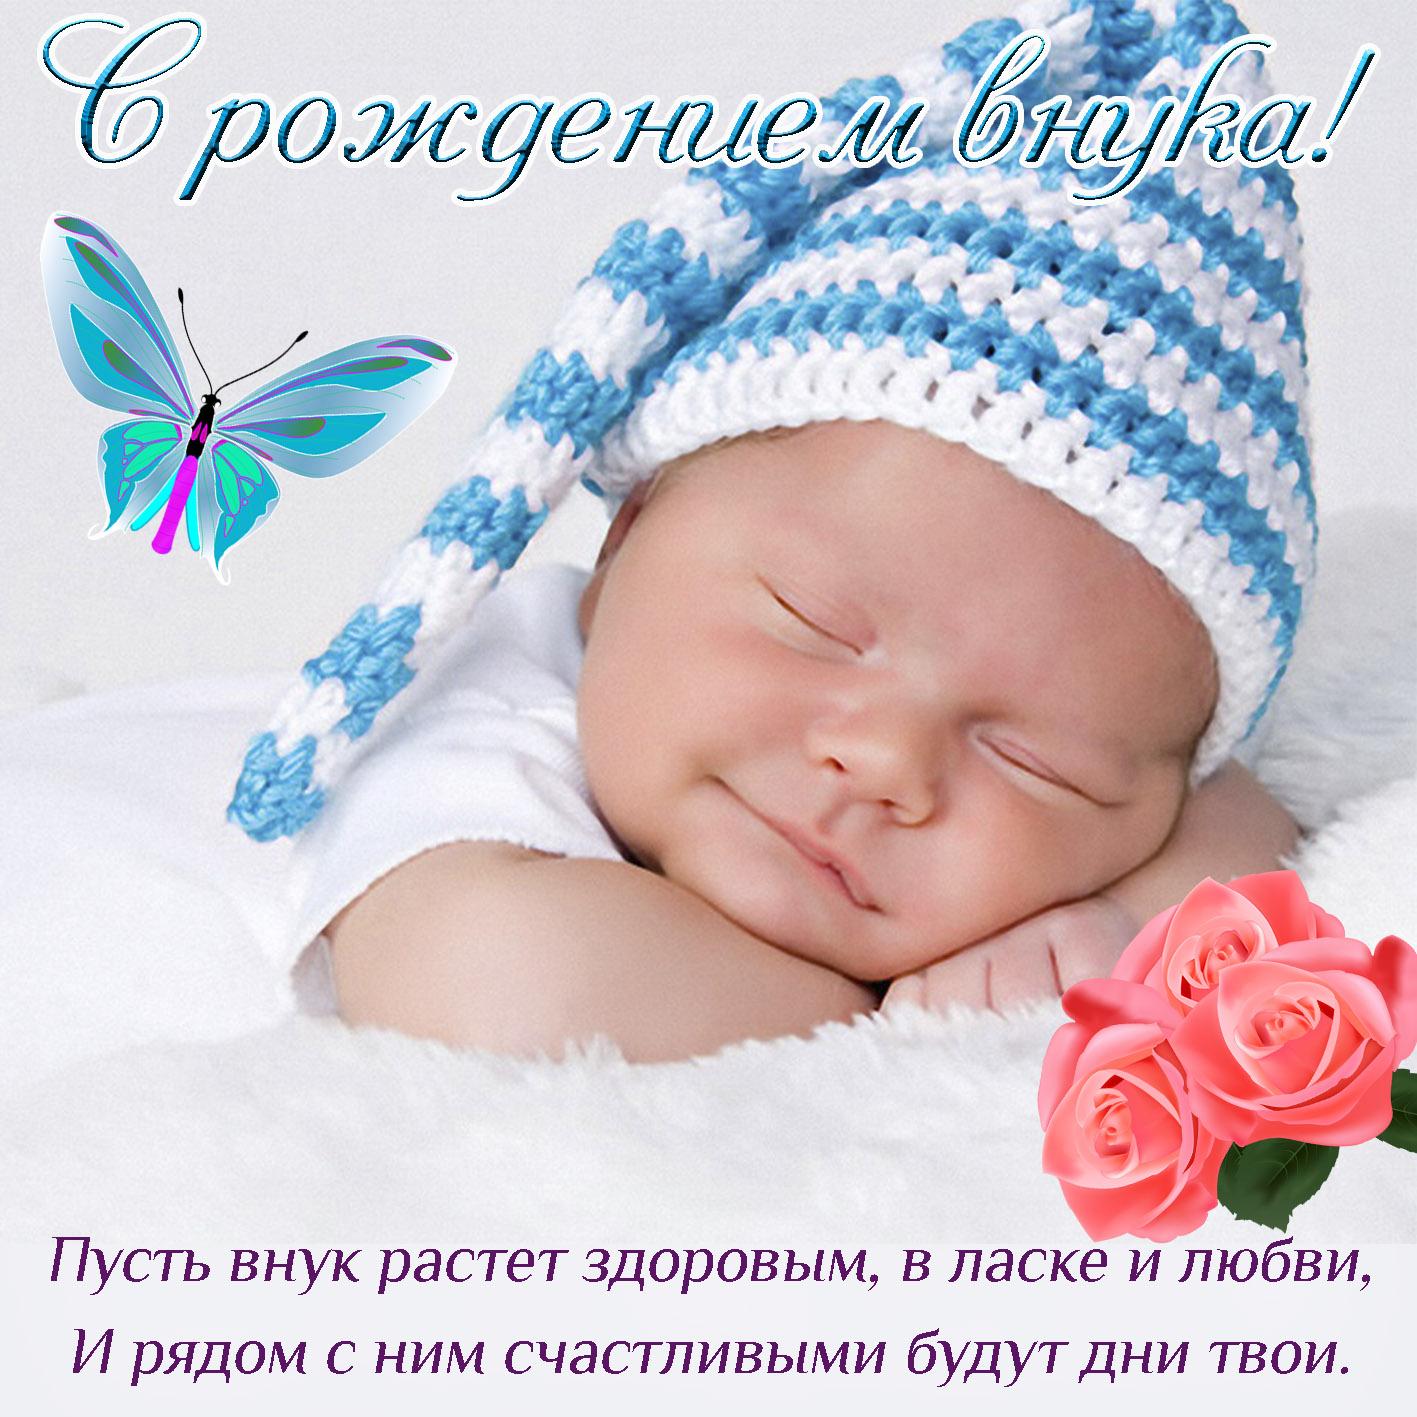 Днем, поздравления с рождения внука картинки